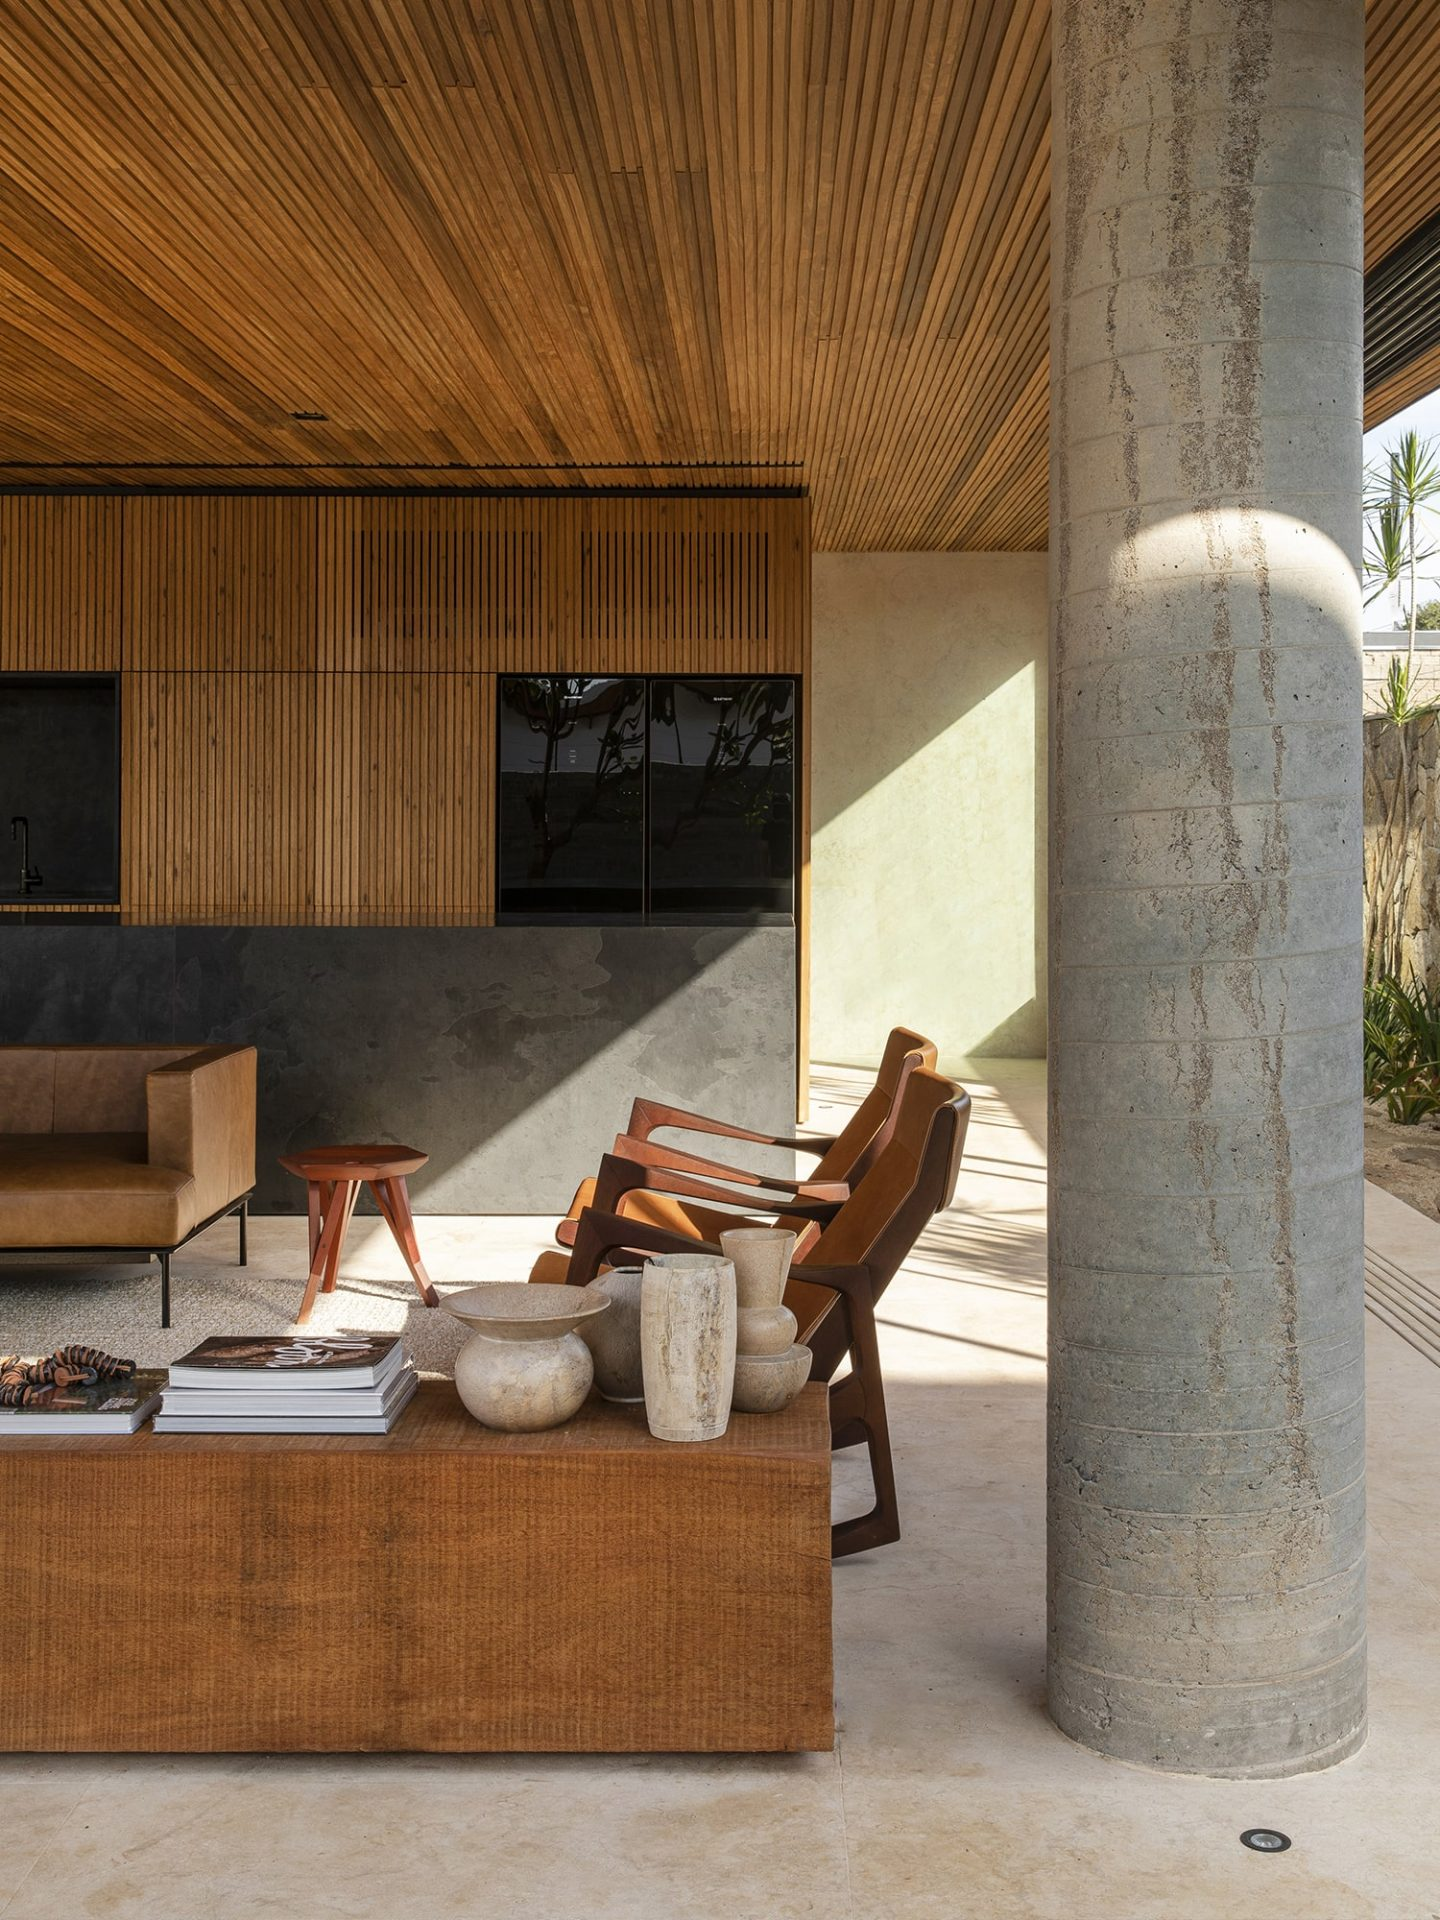 IGNANT-Architecture-MF-Arquitetos-Casa-Q04L63-011-min